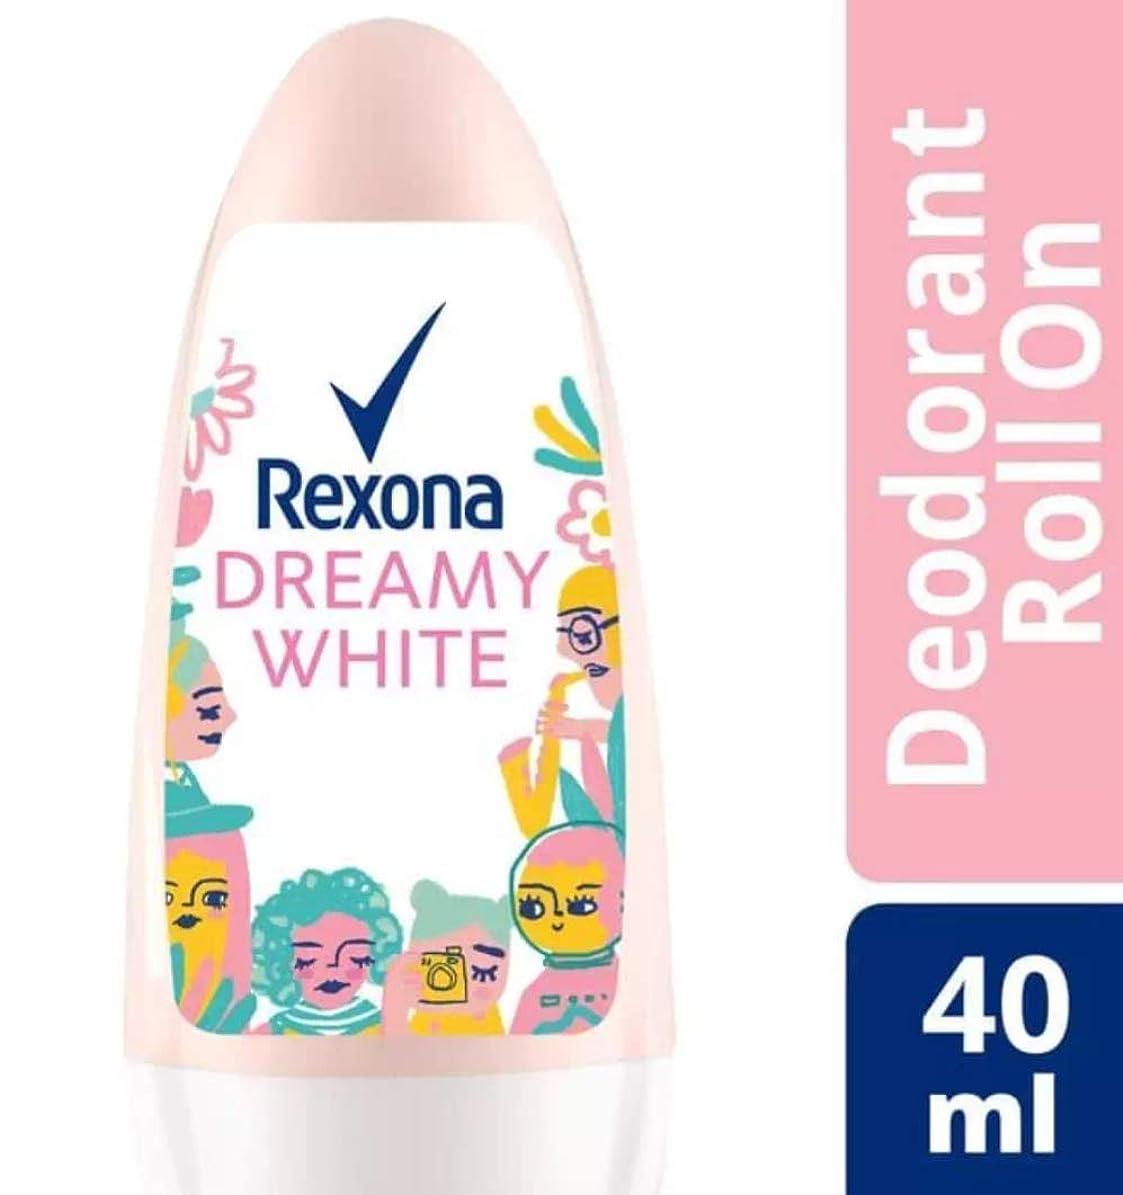 協同以前はインセンティブRexona レクソナ woman 制汗 デオドラント ロールオン DREAMY WHITE【アルコール 0%】ソフトなユリの香り 40ml [並行輸入品]